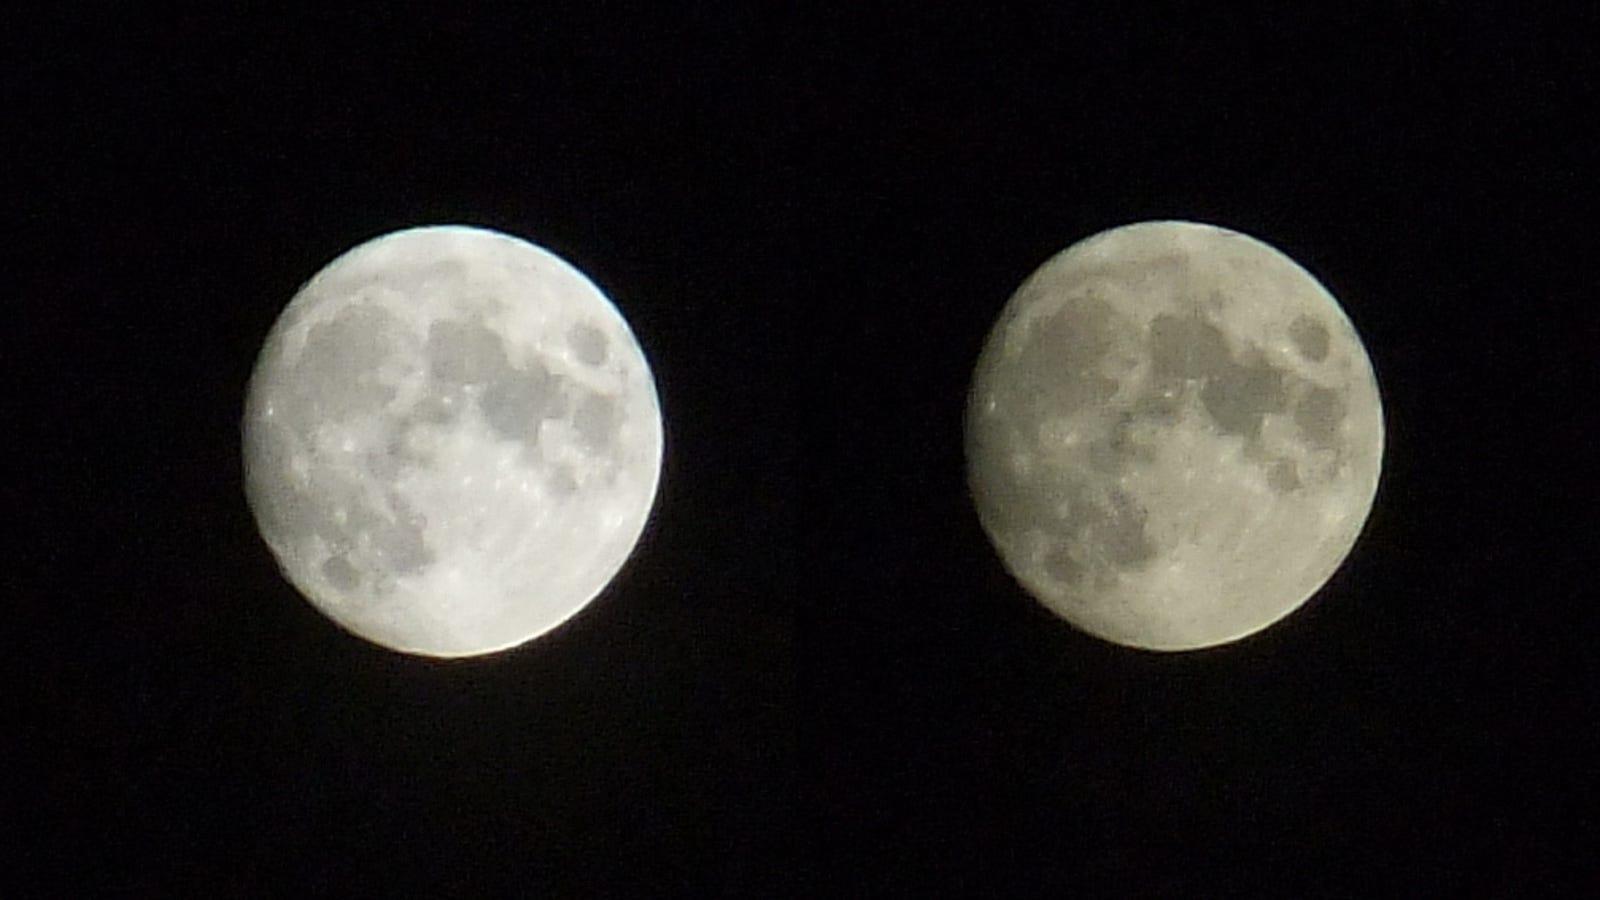 Qué ocurriría si la Tierra tuviera dos lunas (pista: nada bueno)